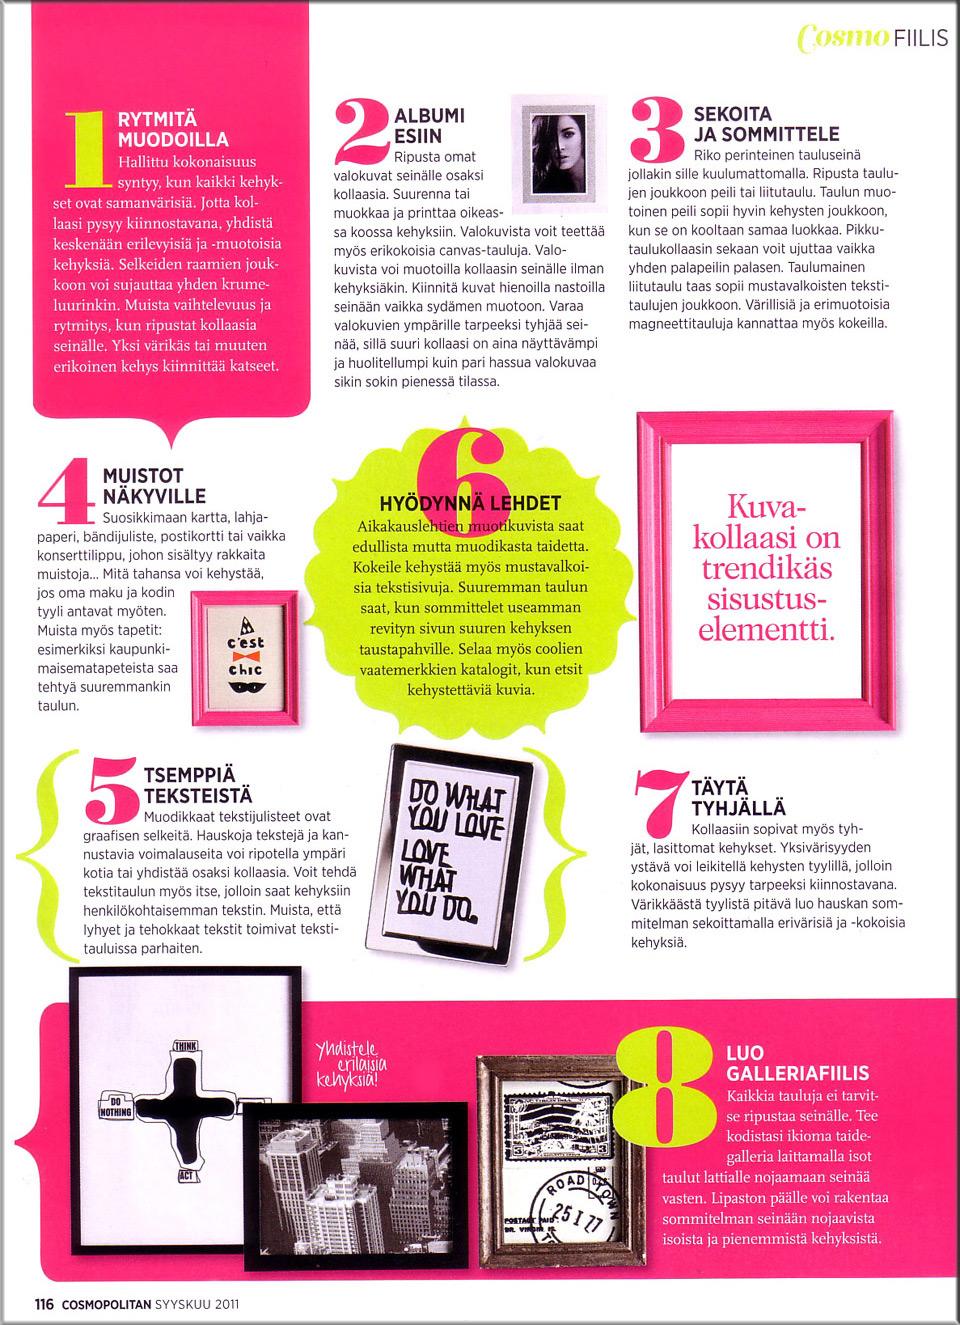 Cosmopolitan syyskuu 2011